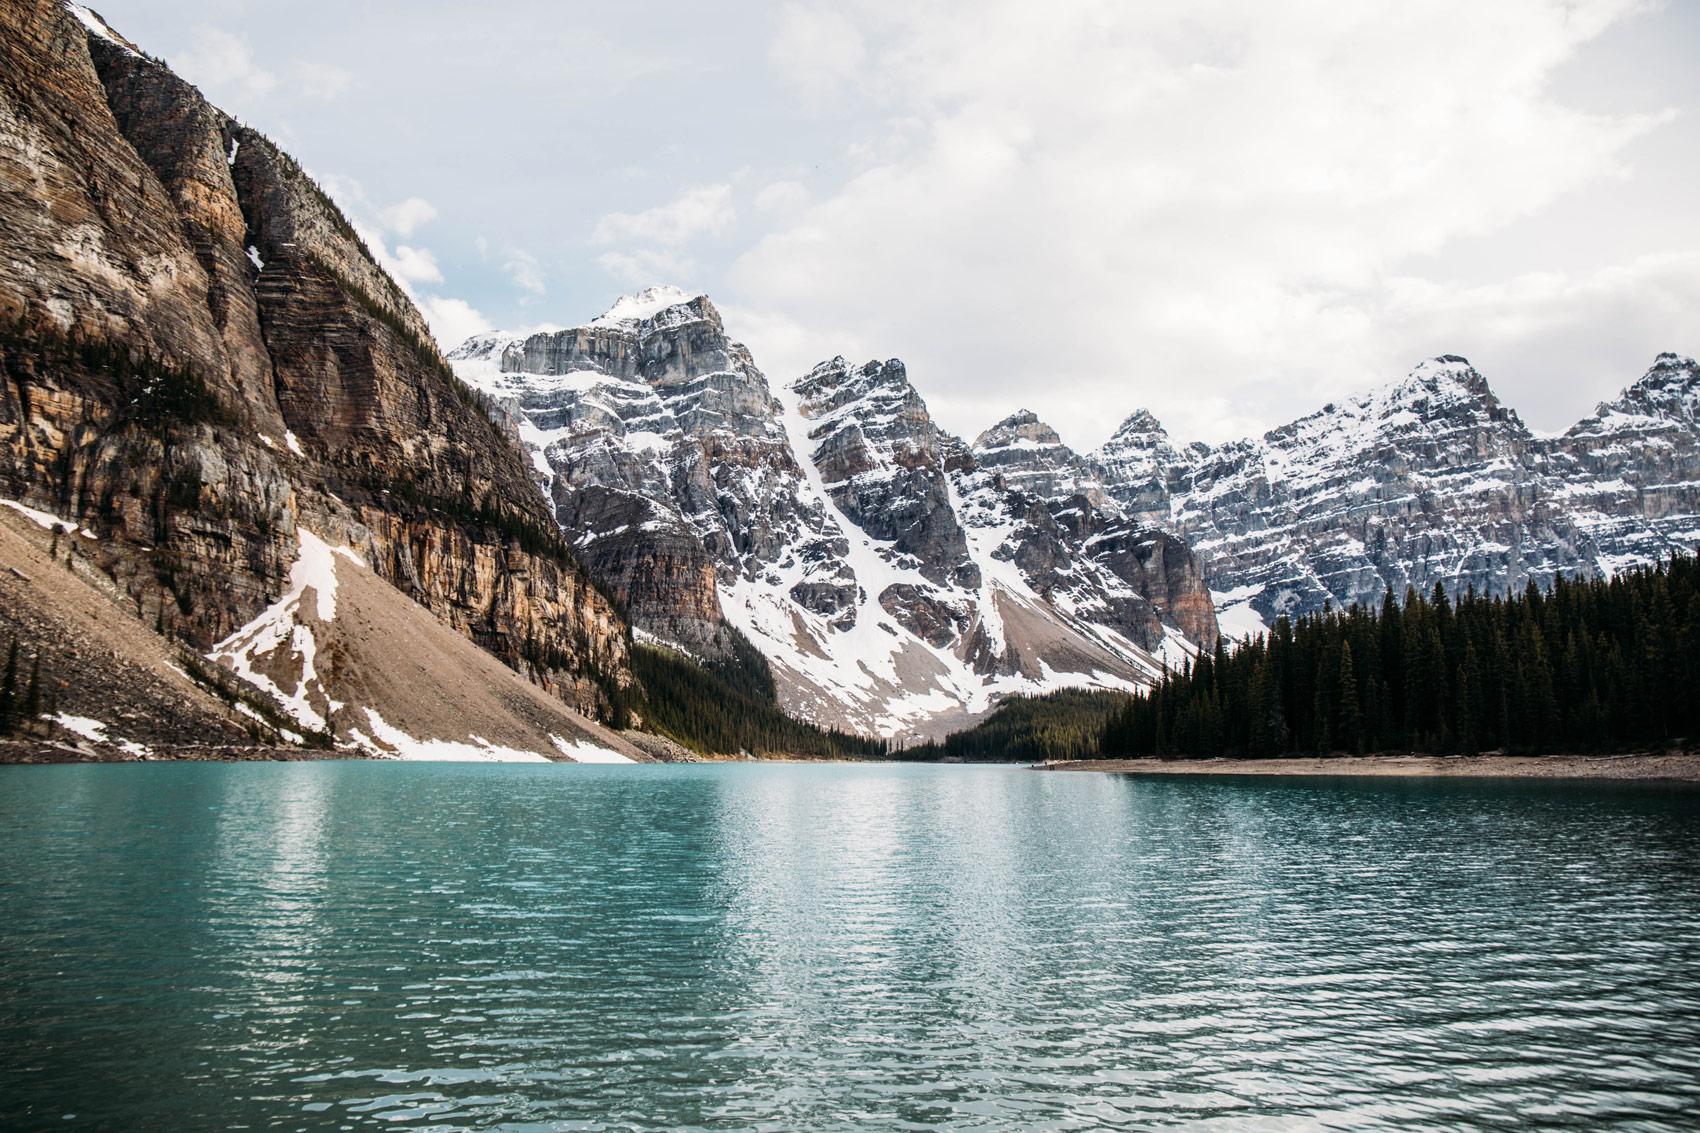 lac moraine ouest canadien parc national banff